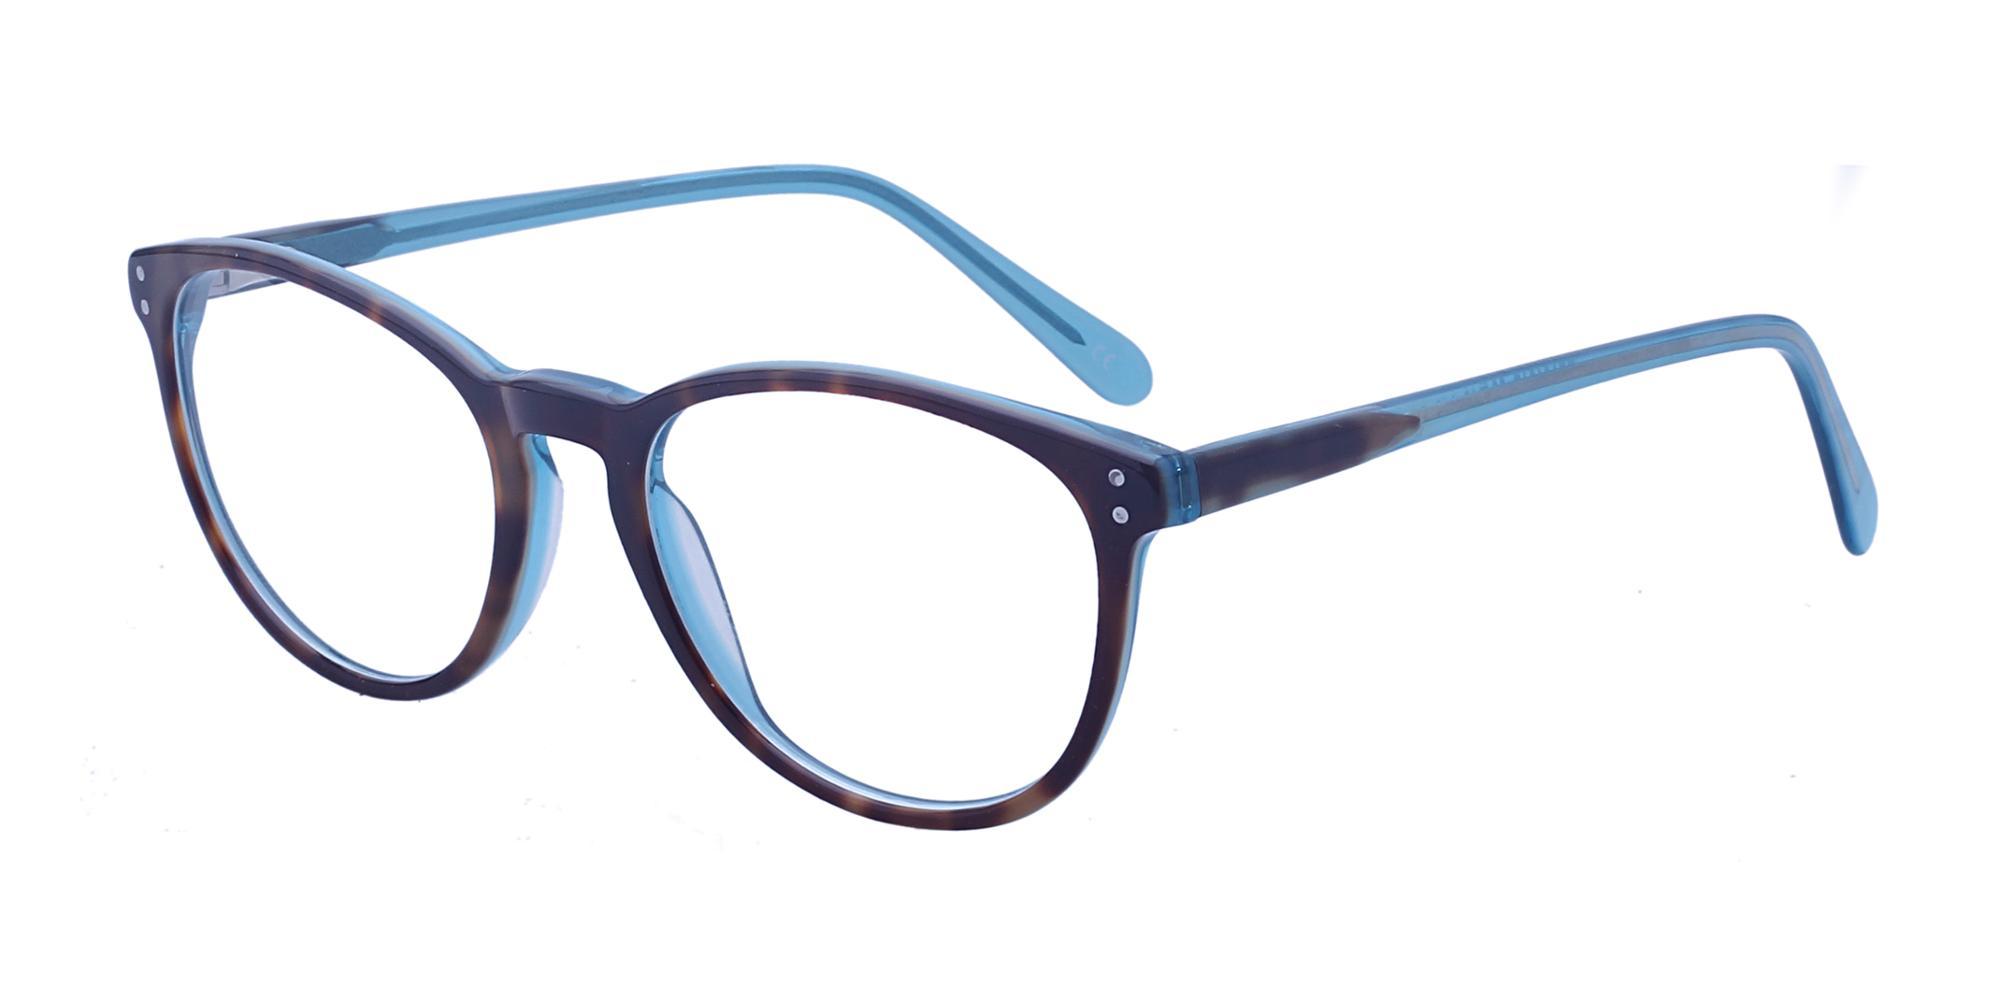 86e14ae57ca4 latest glasses frames for girls cheap round designer new model acetate  colorful eyewear optical eyeglasses frames